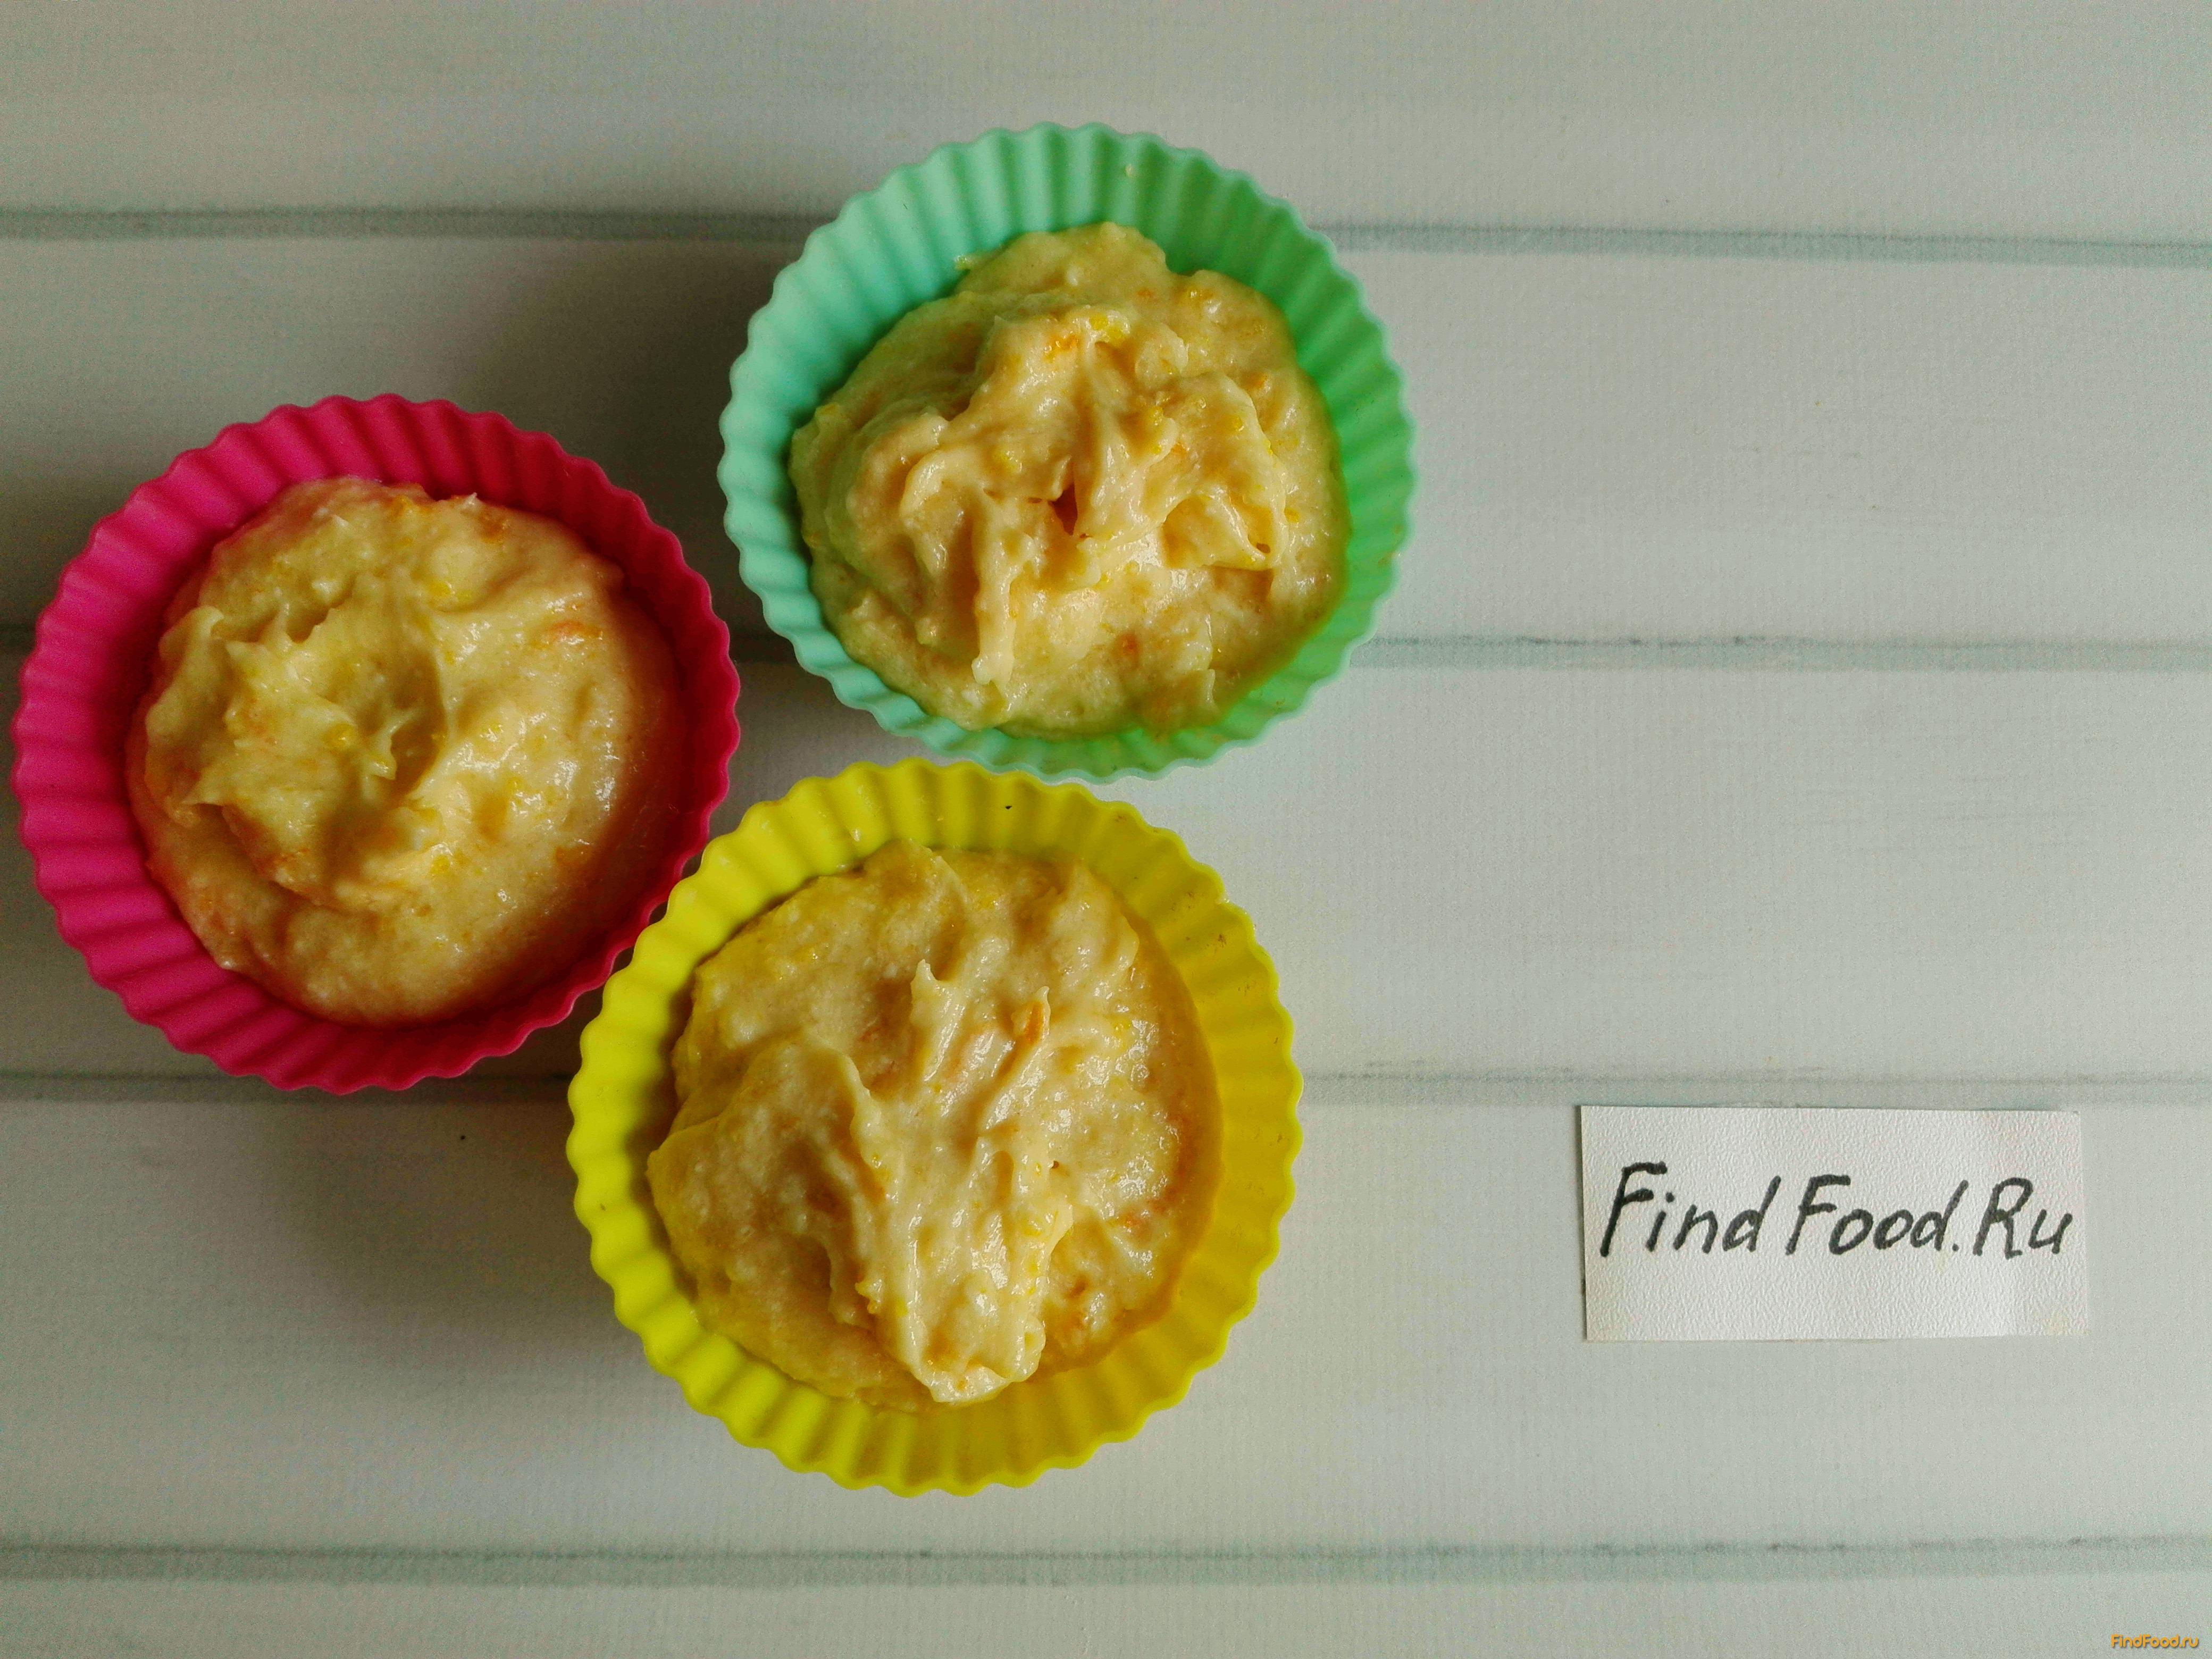 Кексы в силиконовых формах для детей рецепты